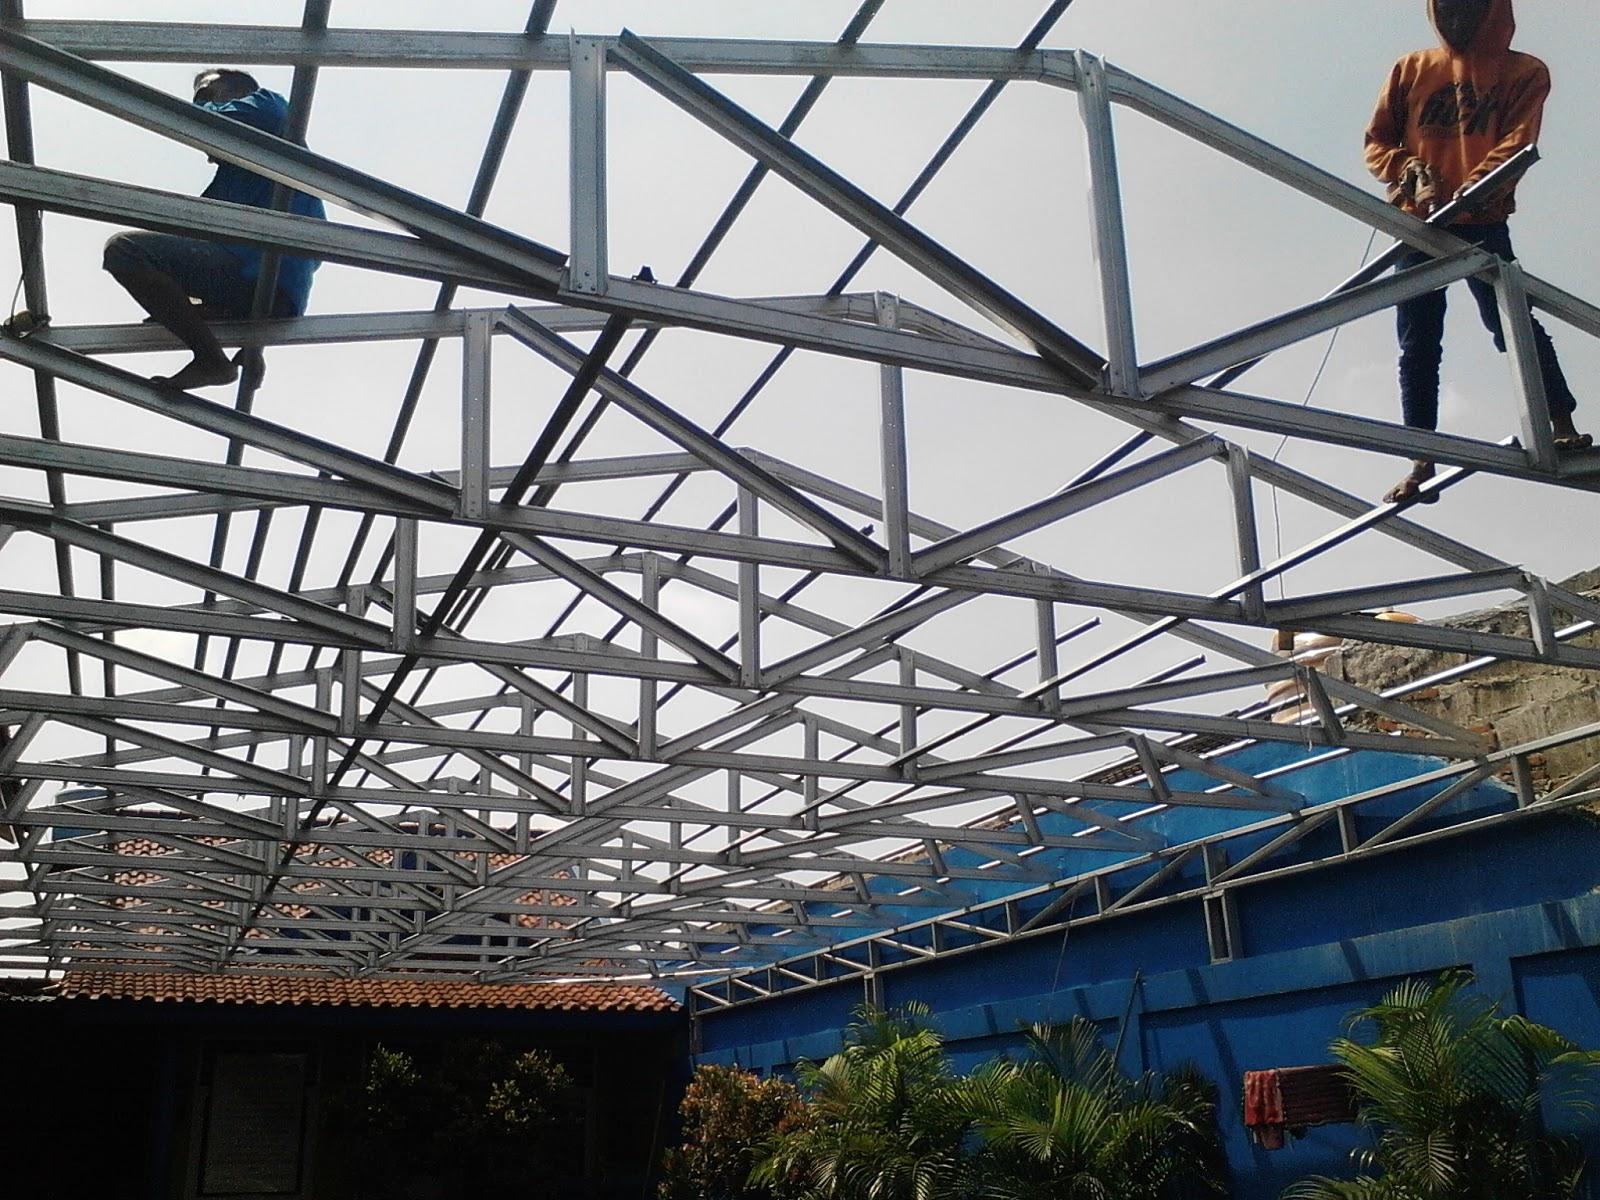 Baja Ringan Zincalume Vs Galvalume Pasang Bahan Bangunan 081249846372 Harga Atap Per